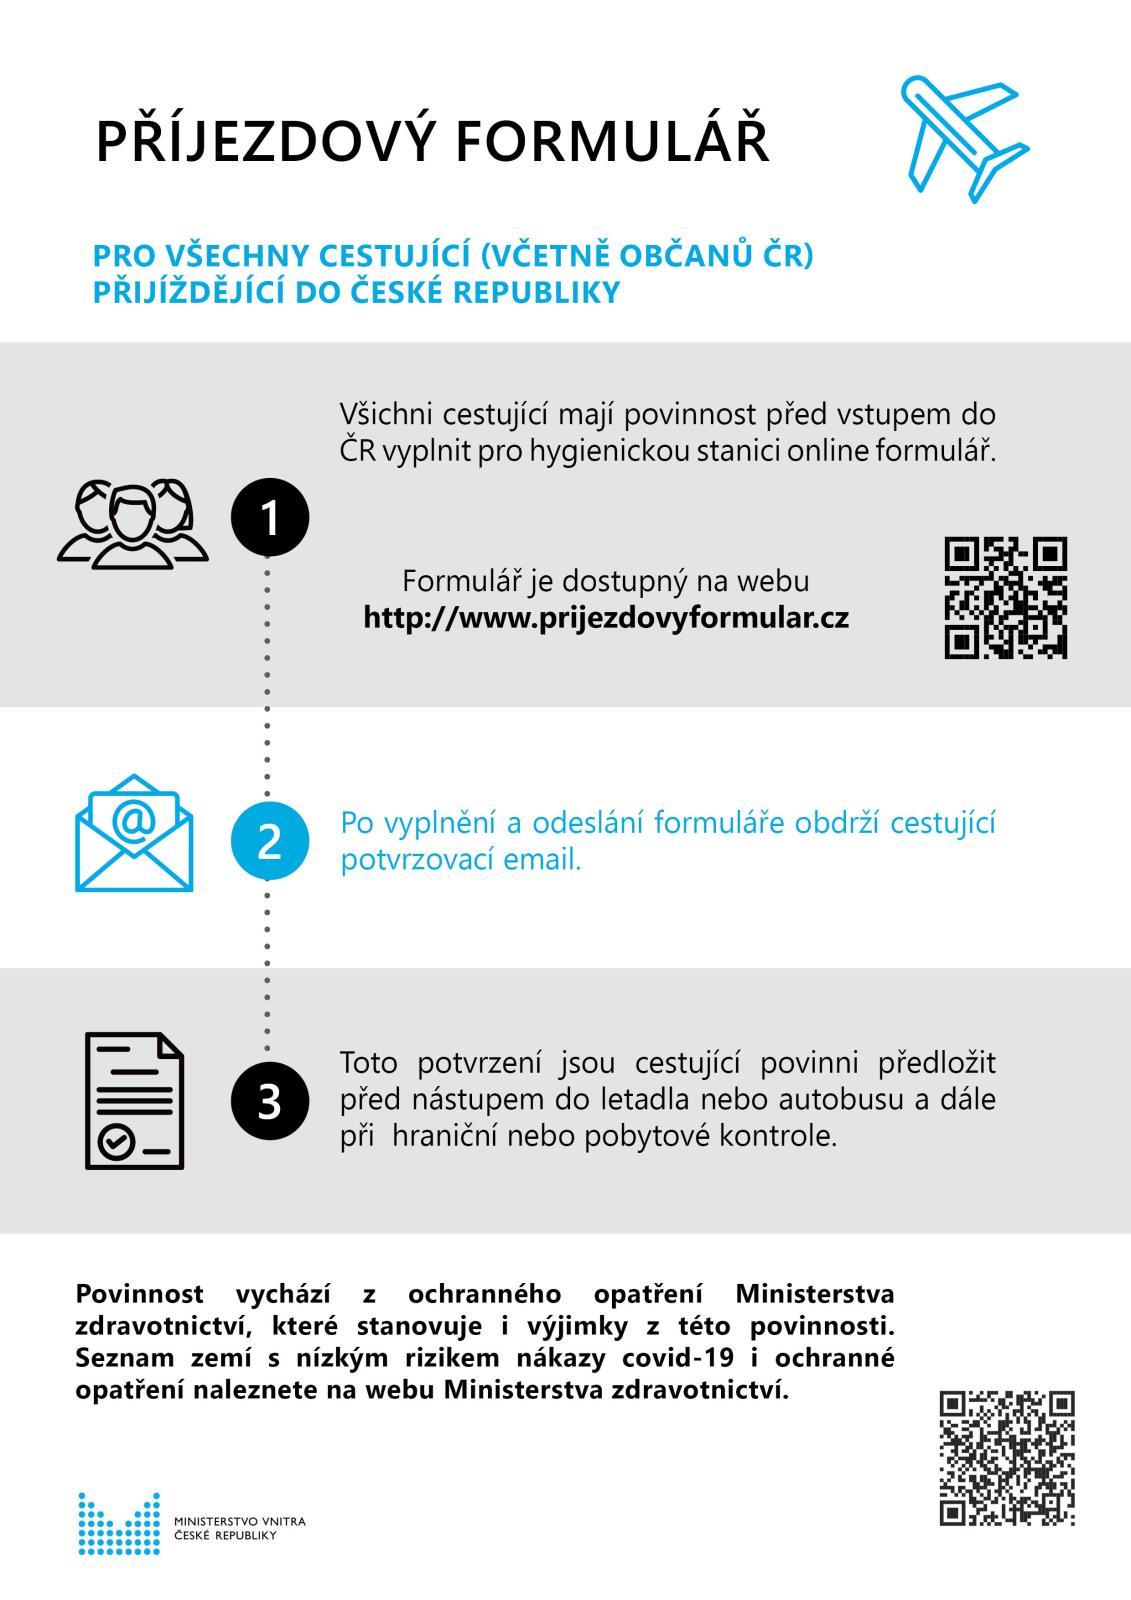 Letak_na_letiste-prijezdovy_formular_-_20210723.jpg